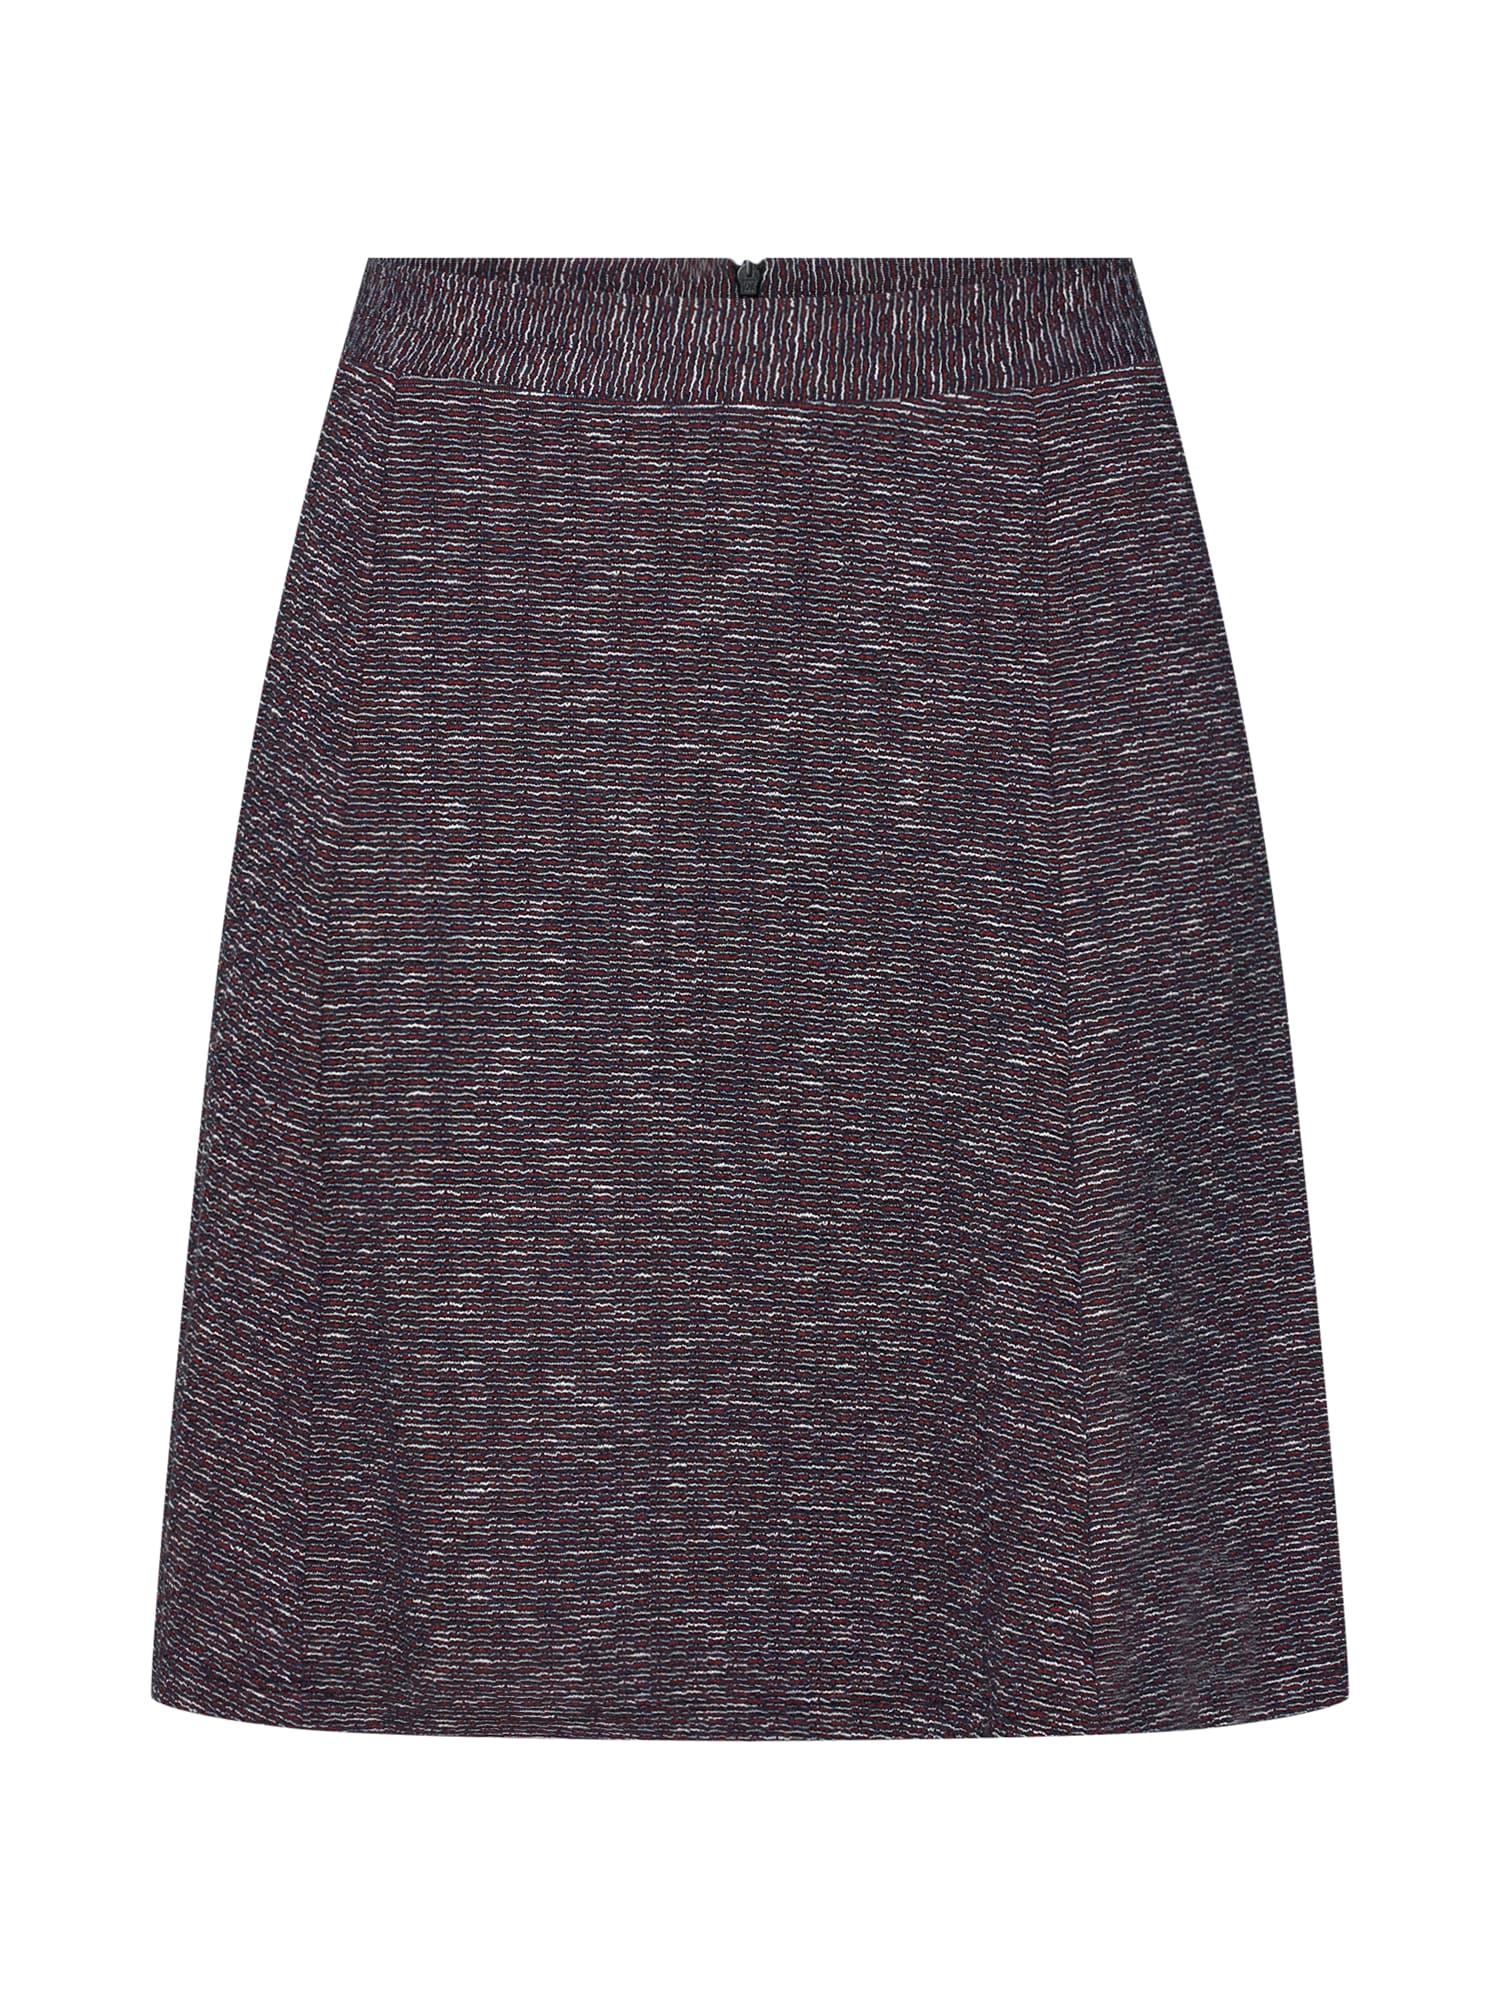 Sukně Skirts knitted mix barev černá ESPRIT